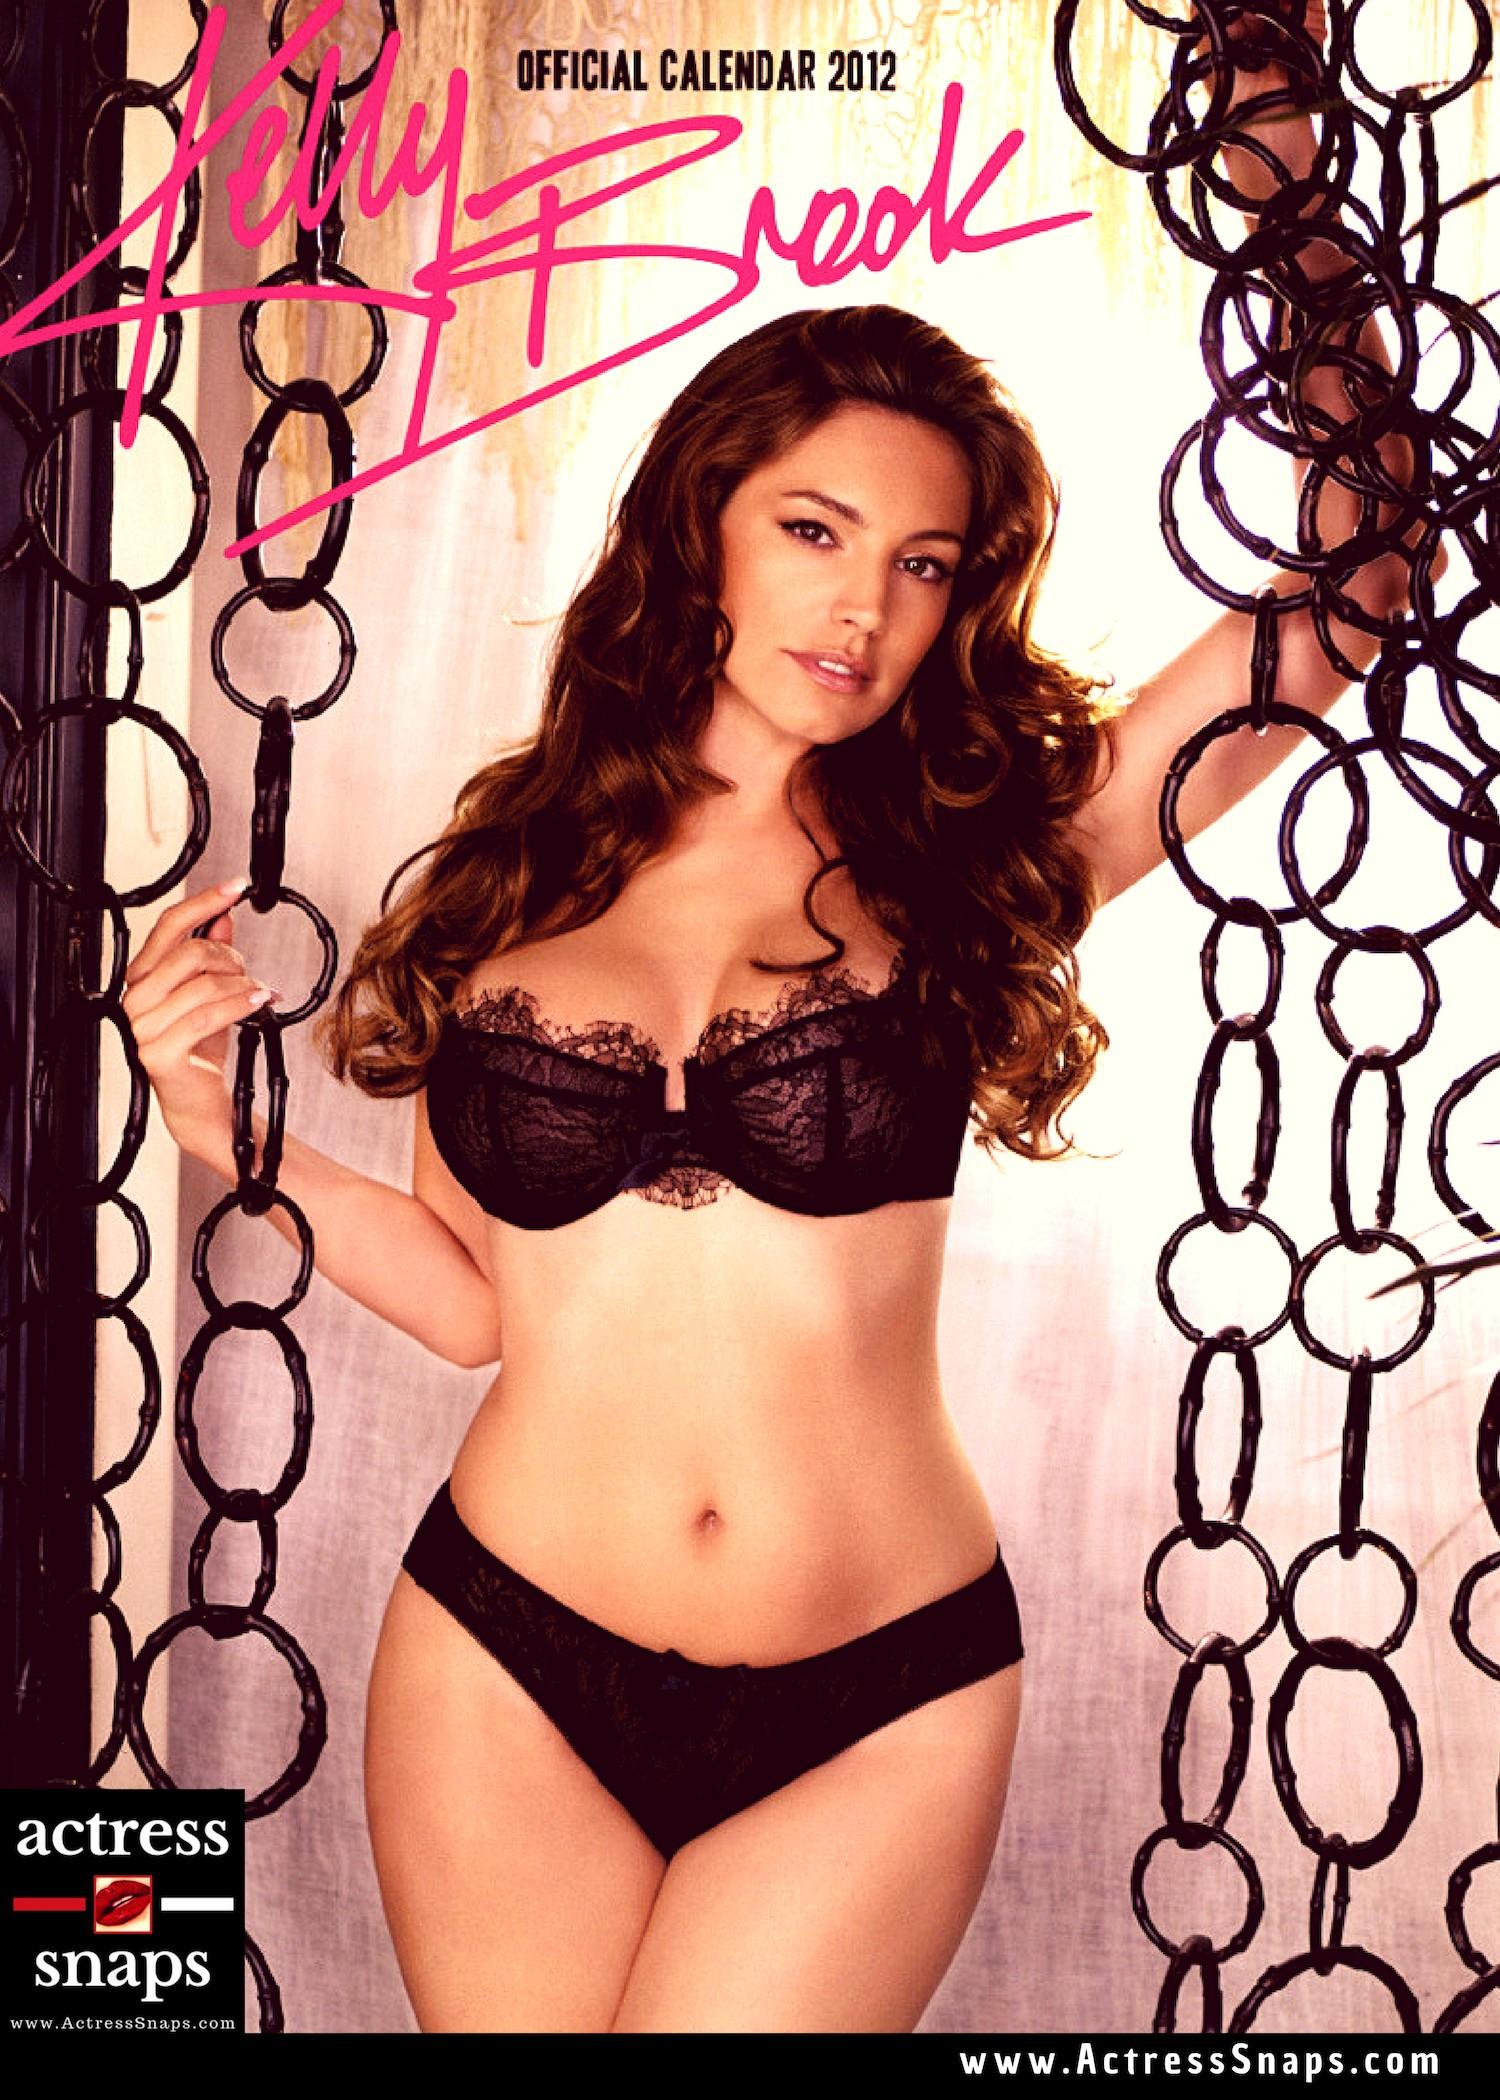 Kelly Brook - 2012 Calendar Photos - Sexy Actress Pictures   Hot Actress Pictures - ActressSnaps.com